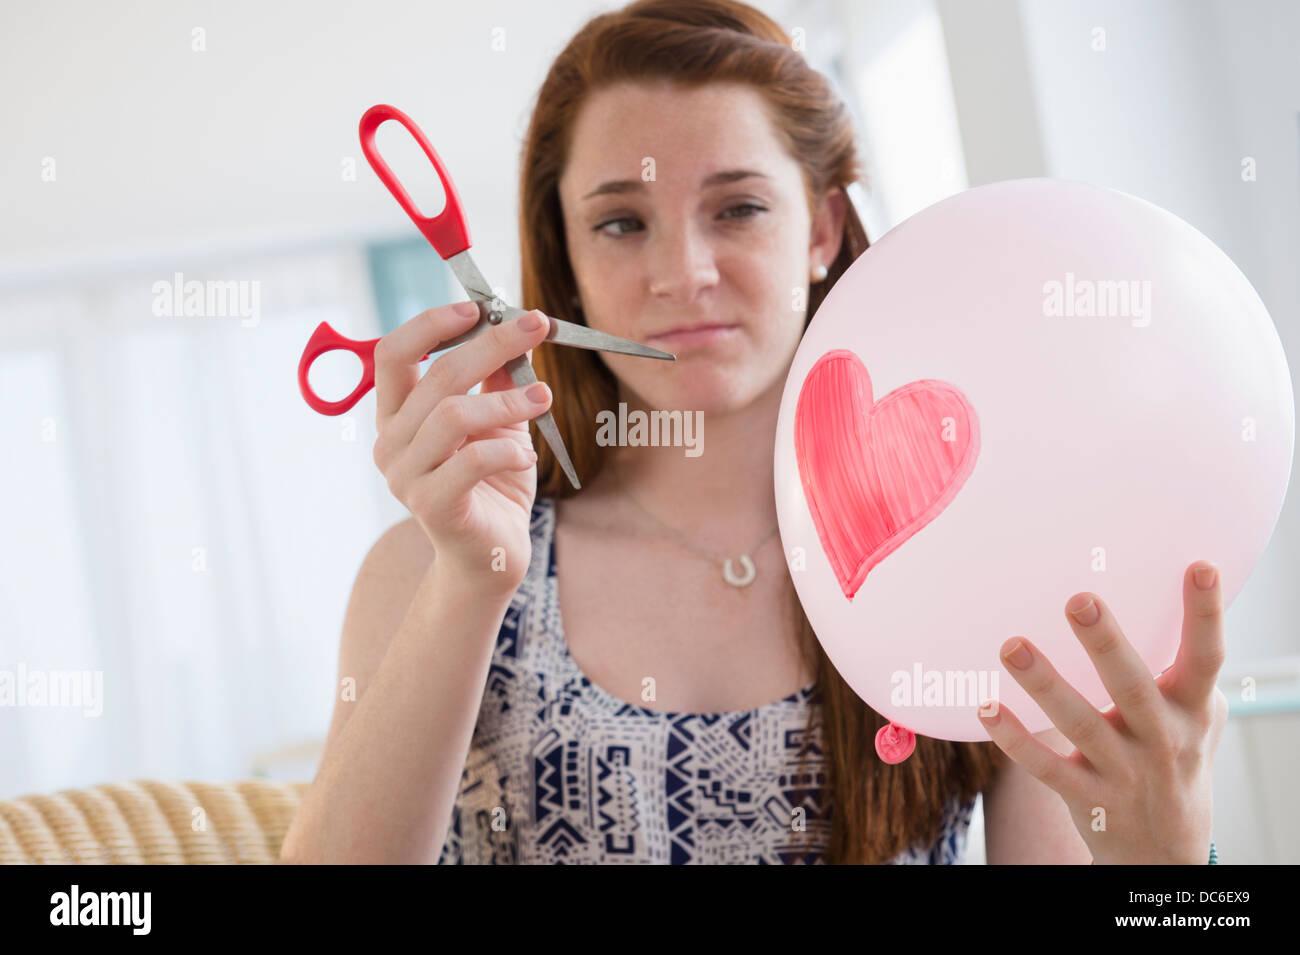 Ragazza adolescente (14-15) tenendo il palloncino e un paio di forbici Immagini Stock